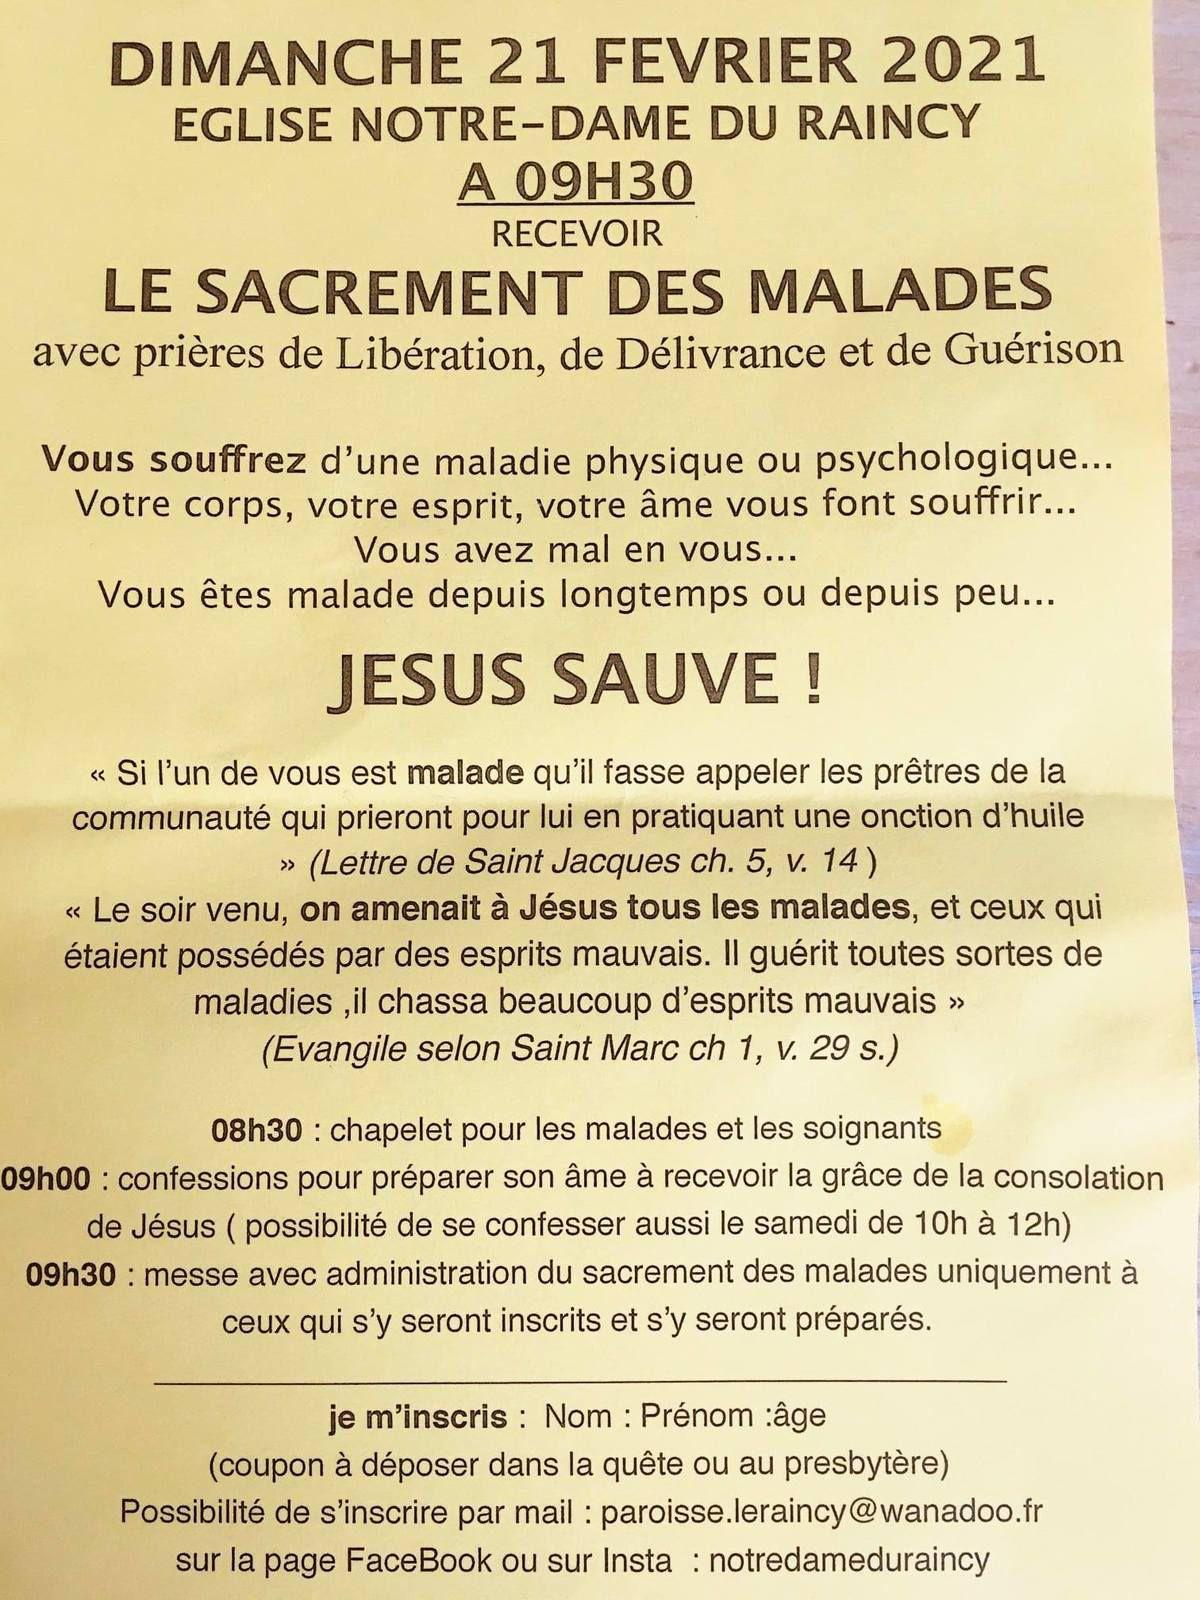 Sacrement des Malades : dimanche 21 février 2021